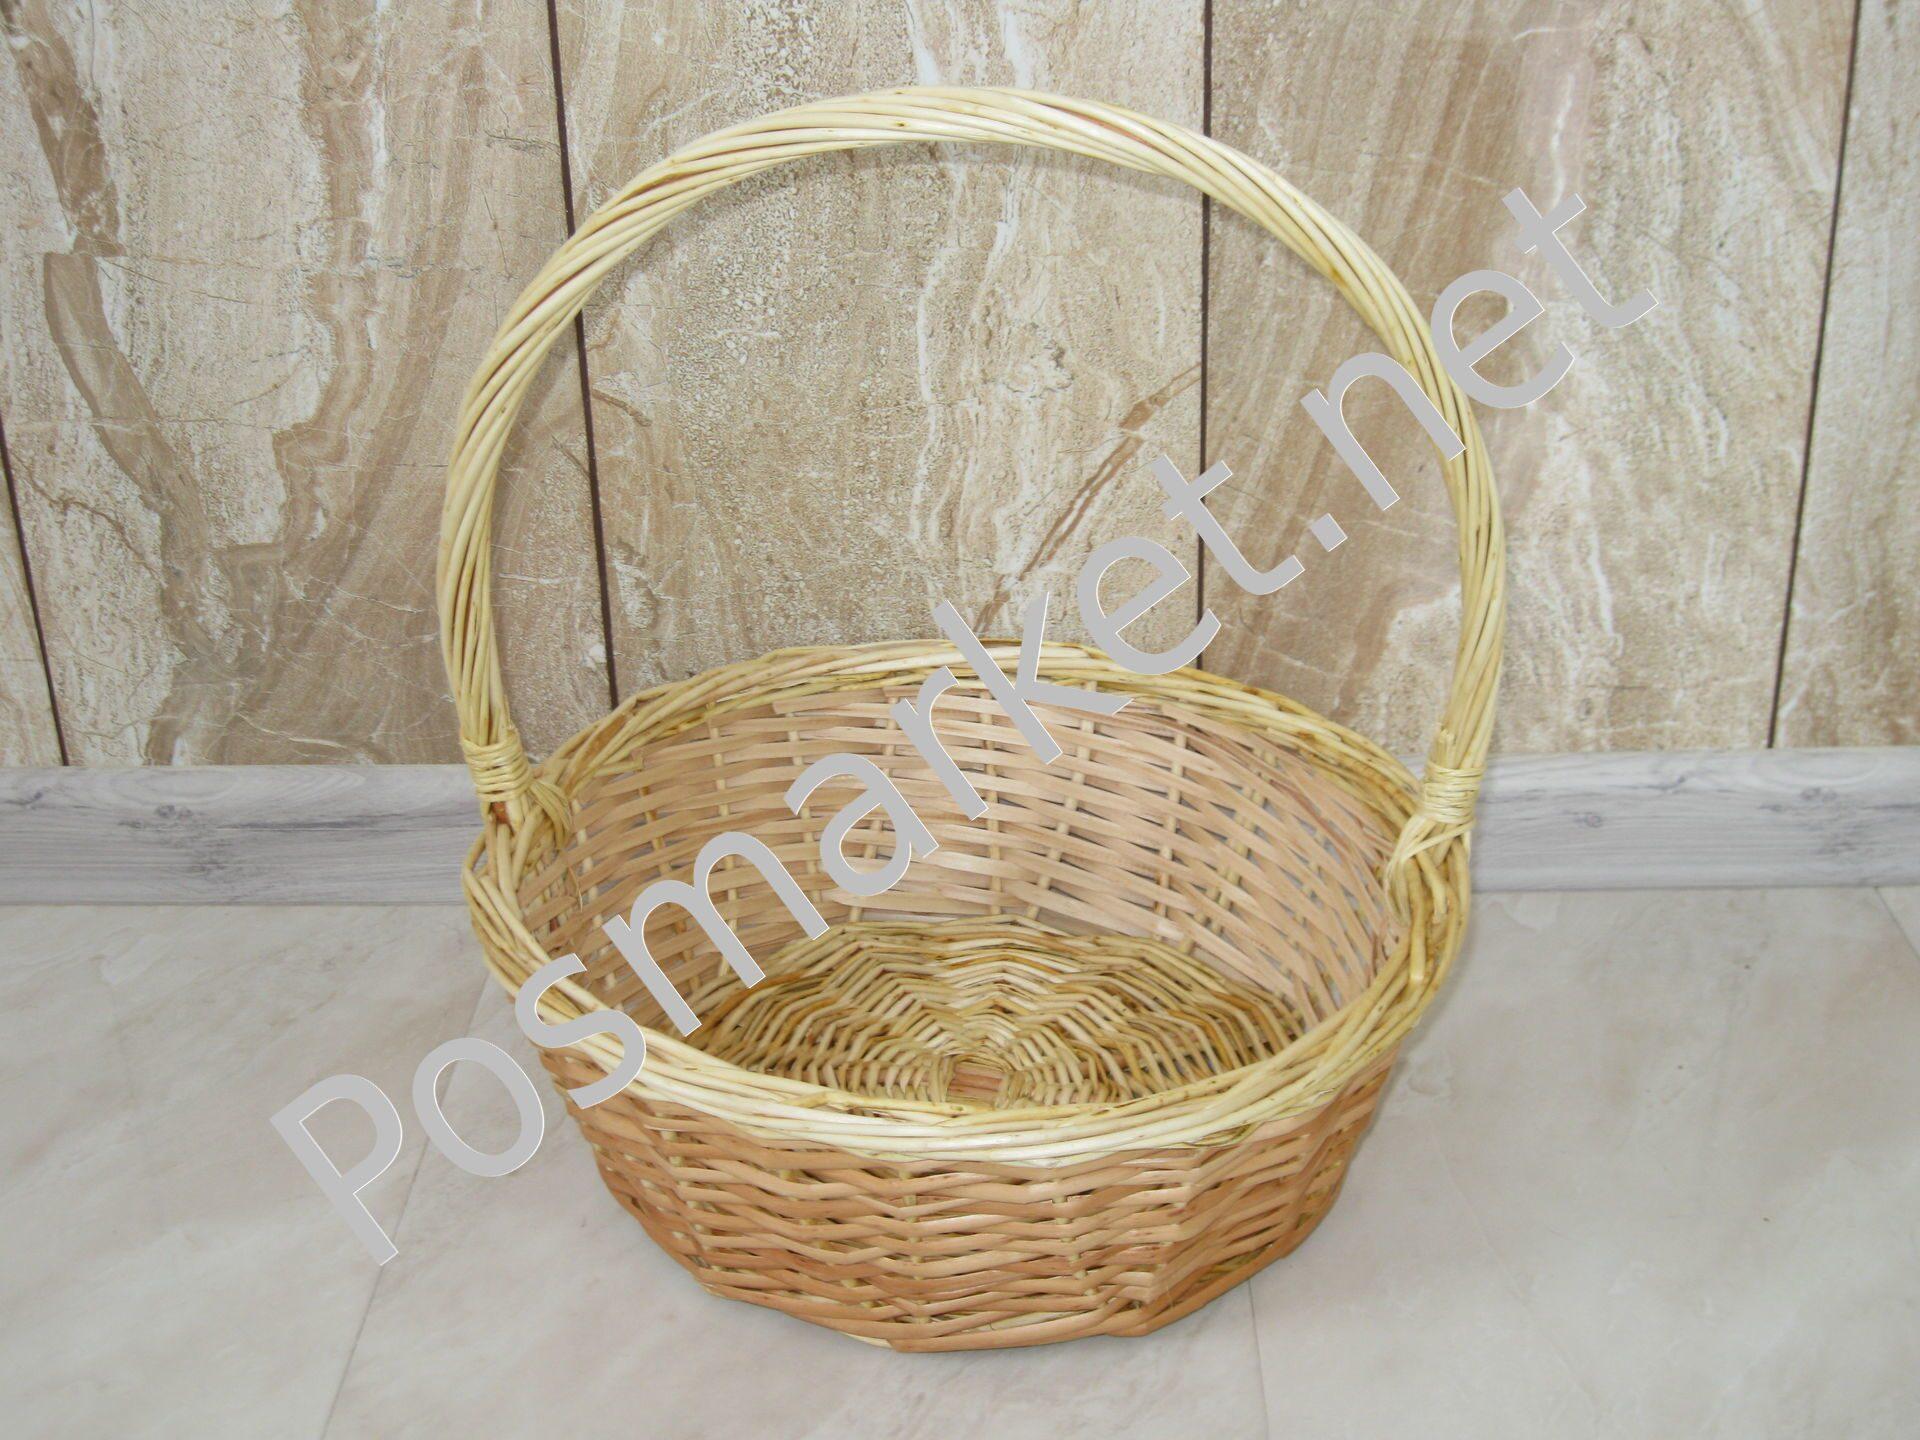 b7f44fcc1502 Купить плетеные корзины   Корзинки плетеные и лотки